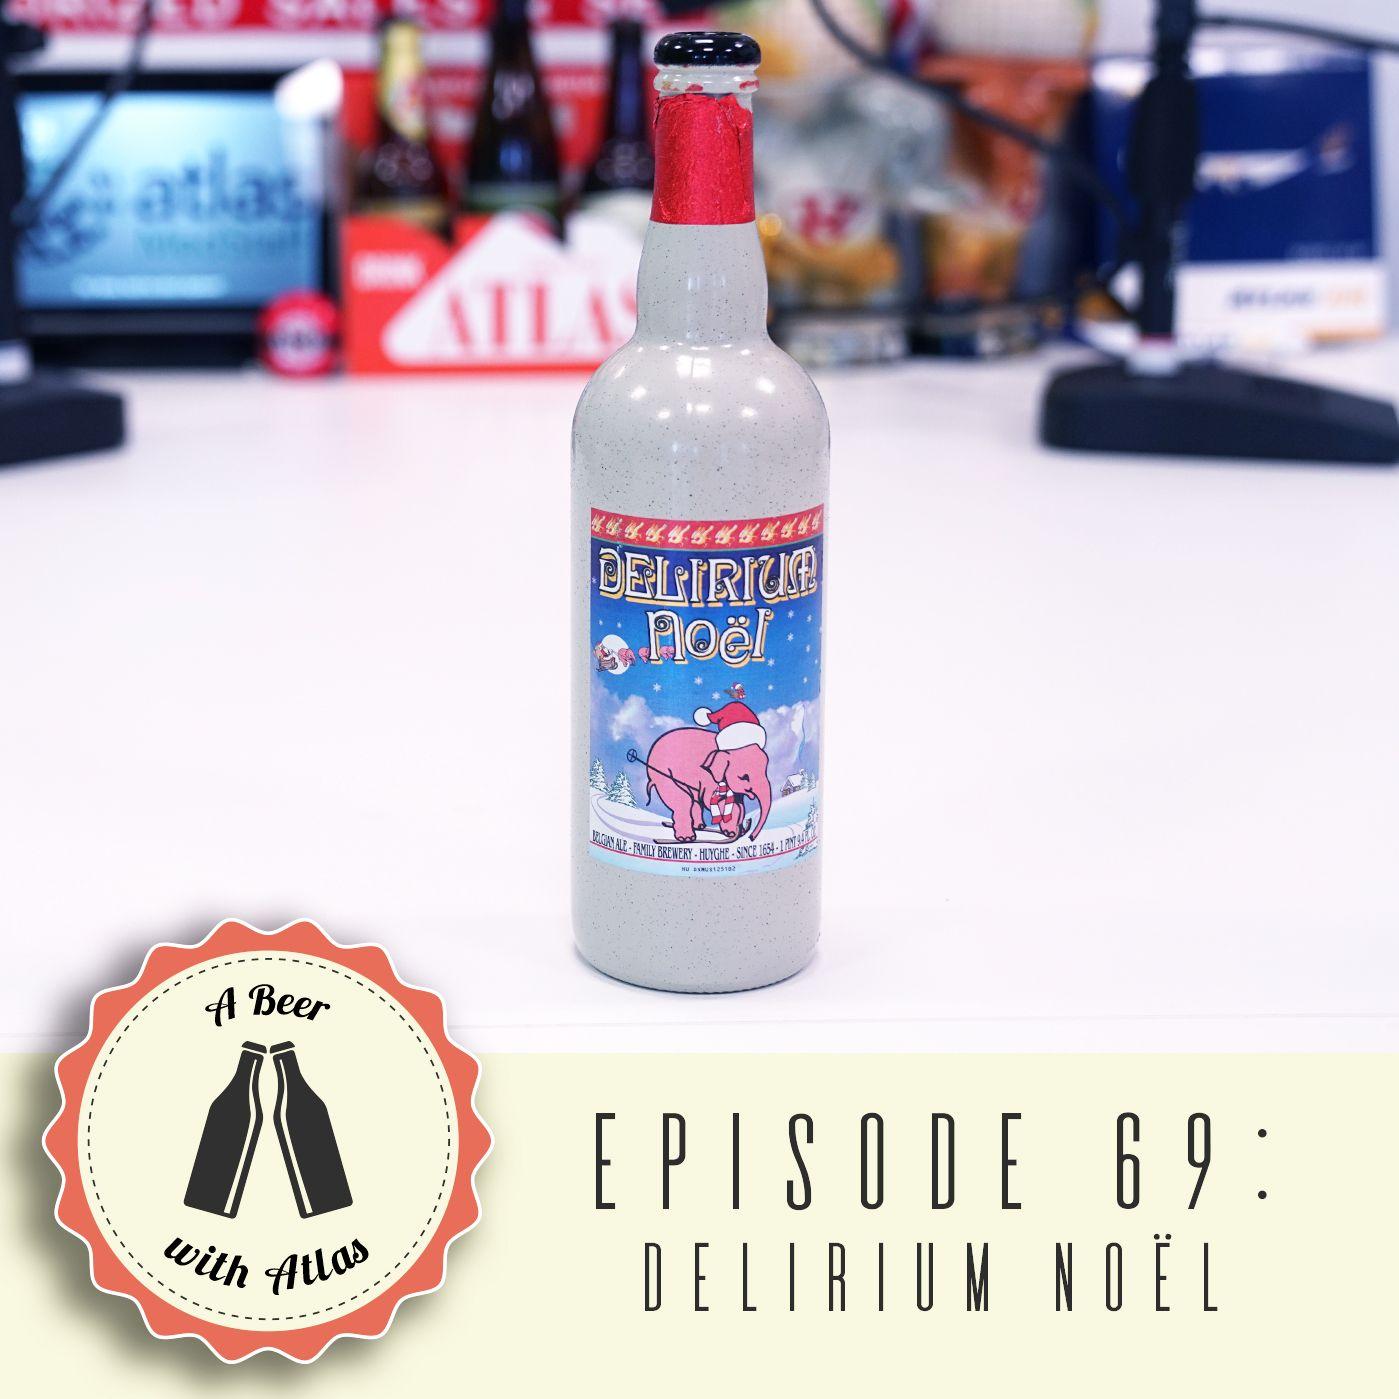 Delirium Noel Belgian Ale - Christmas Beers Ep. 2 - A Beer With Atlas 69